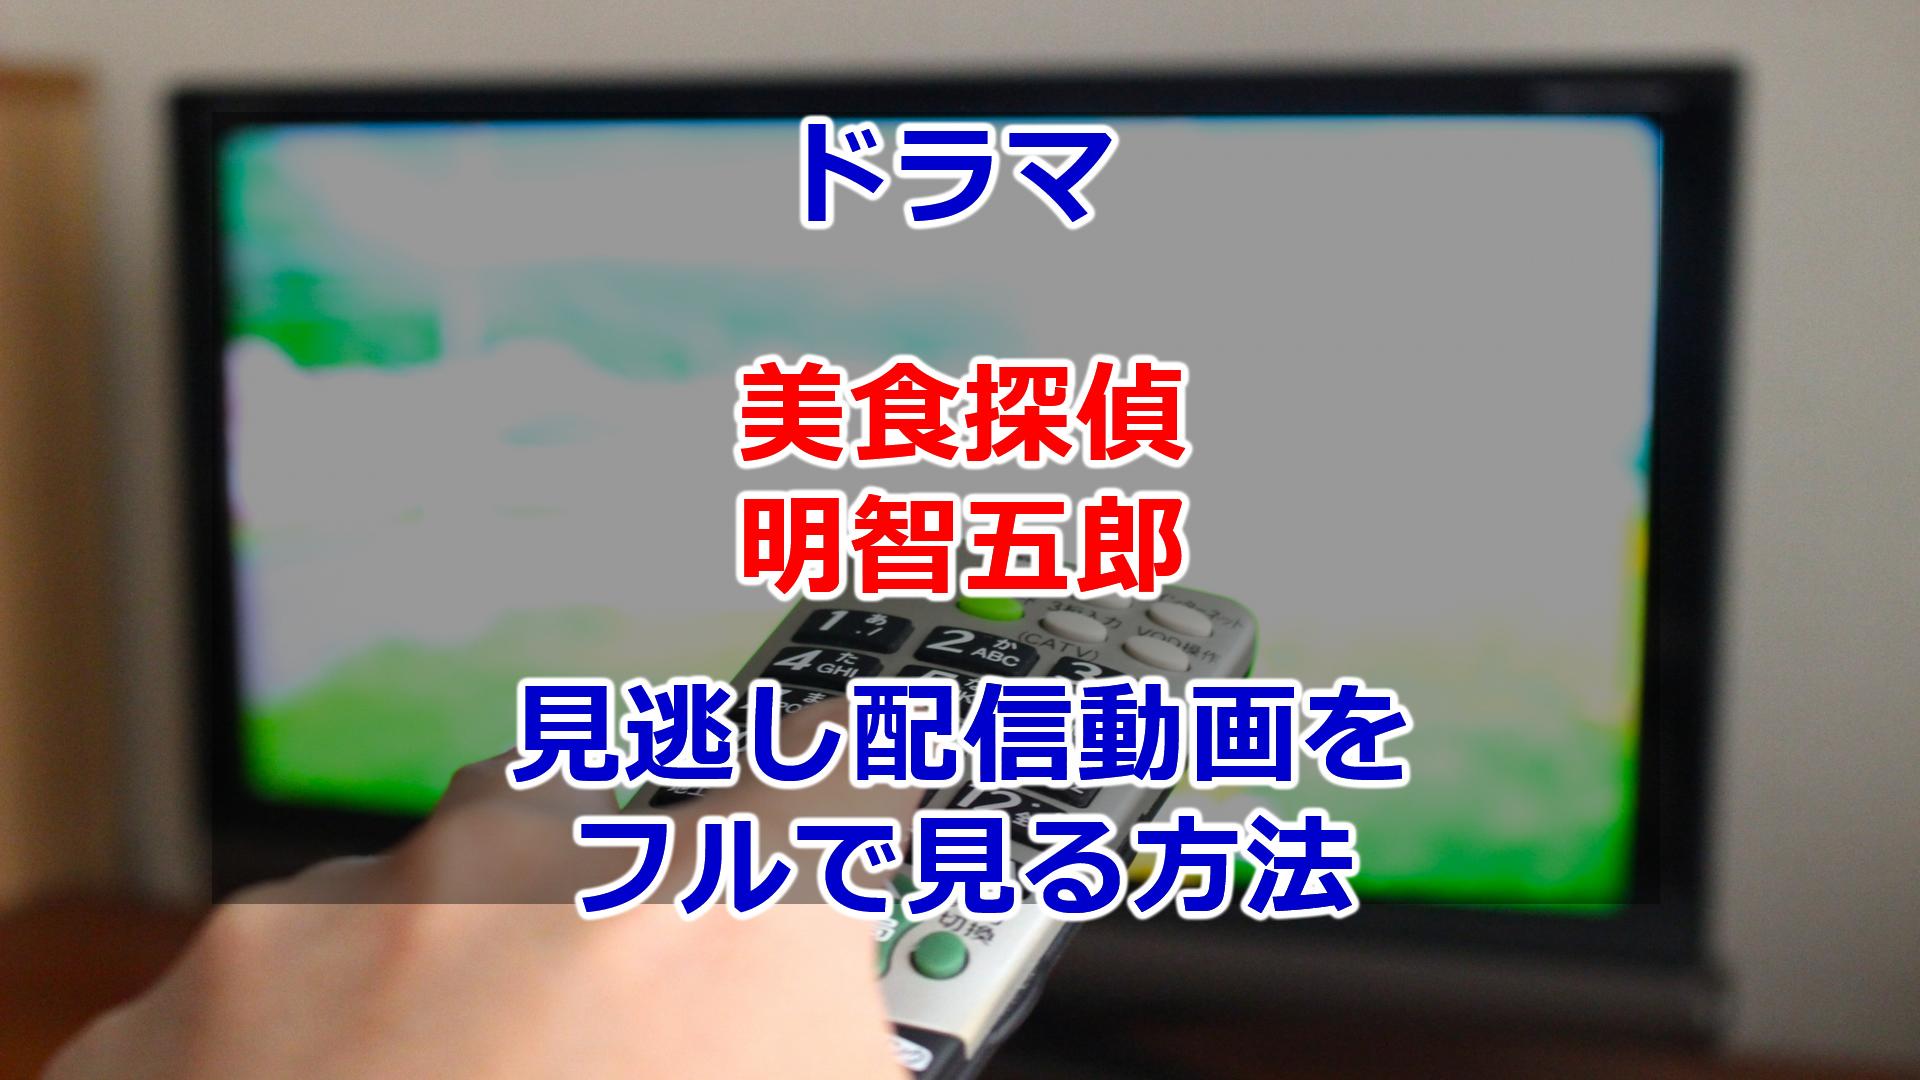 2020春ドラマ美食探偵明智五郎見逃し配信動画をフル視聴する方法